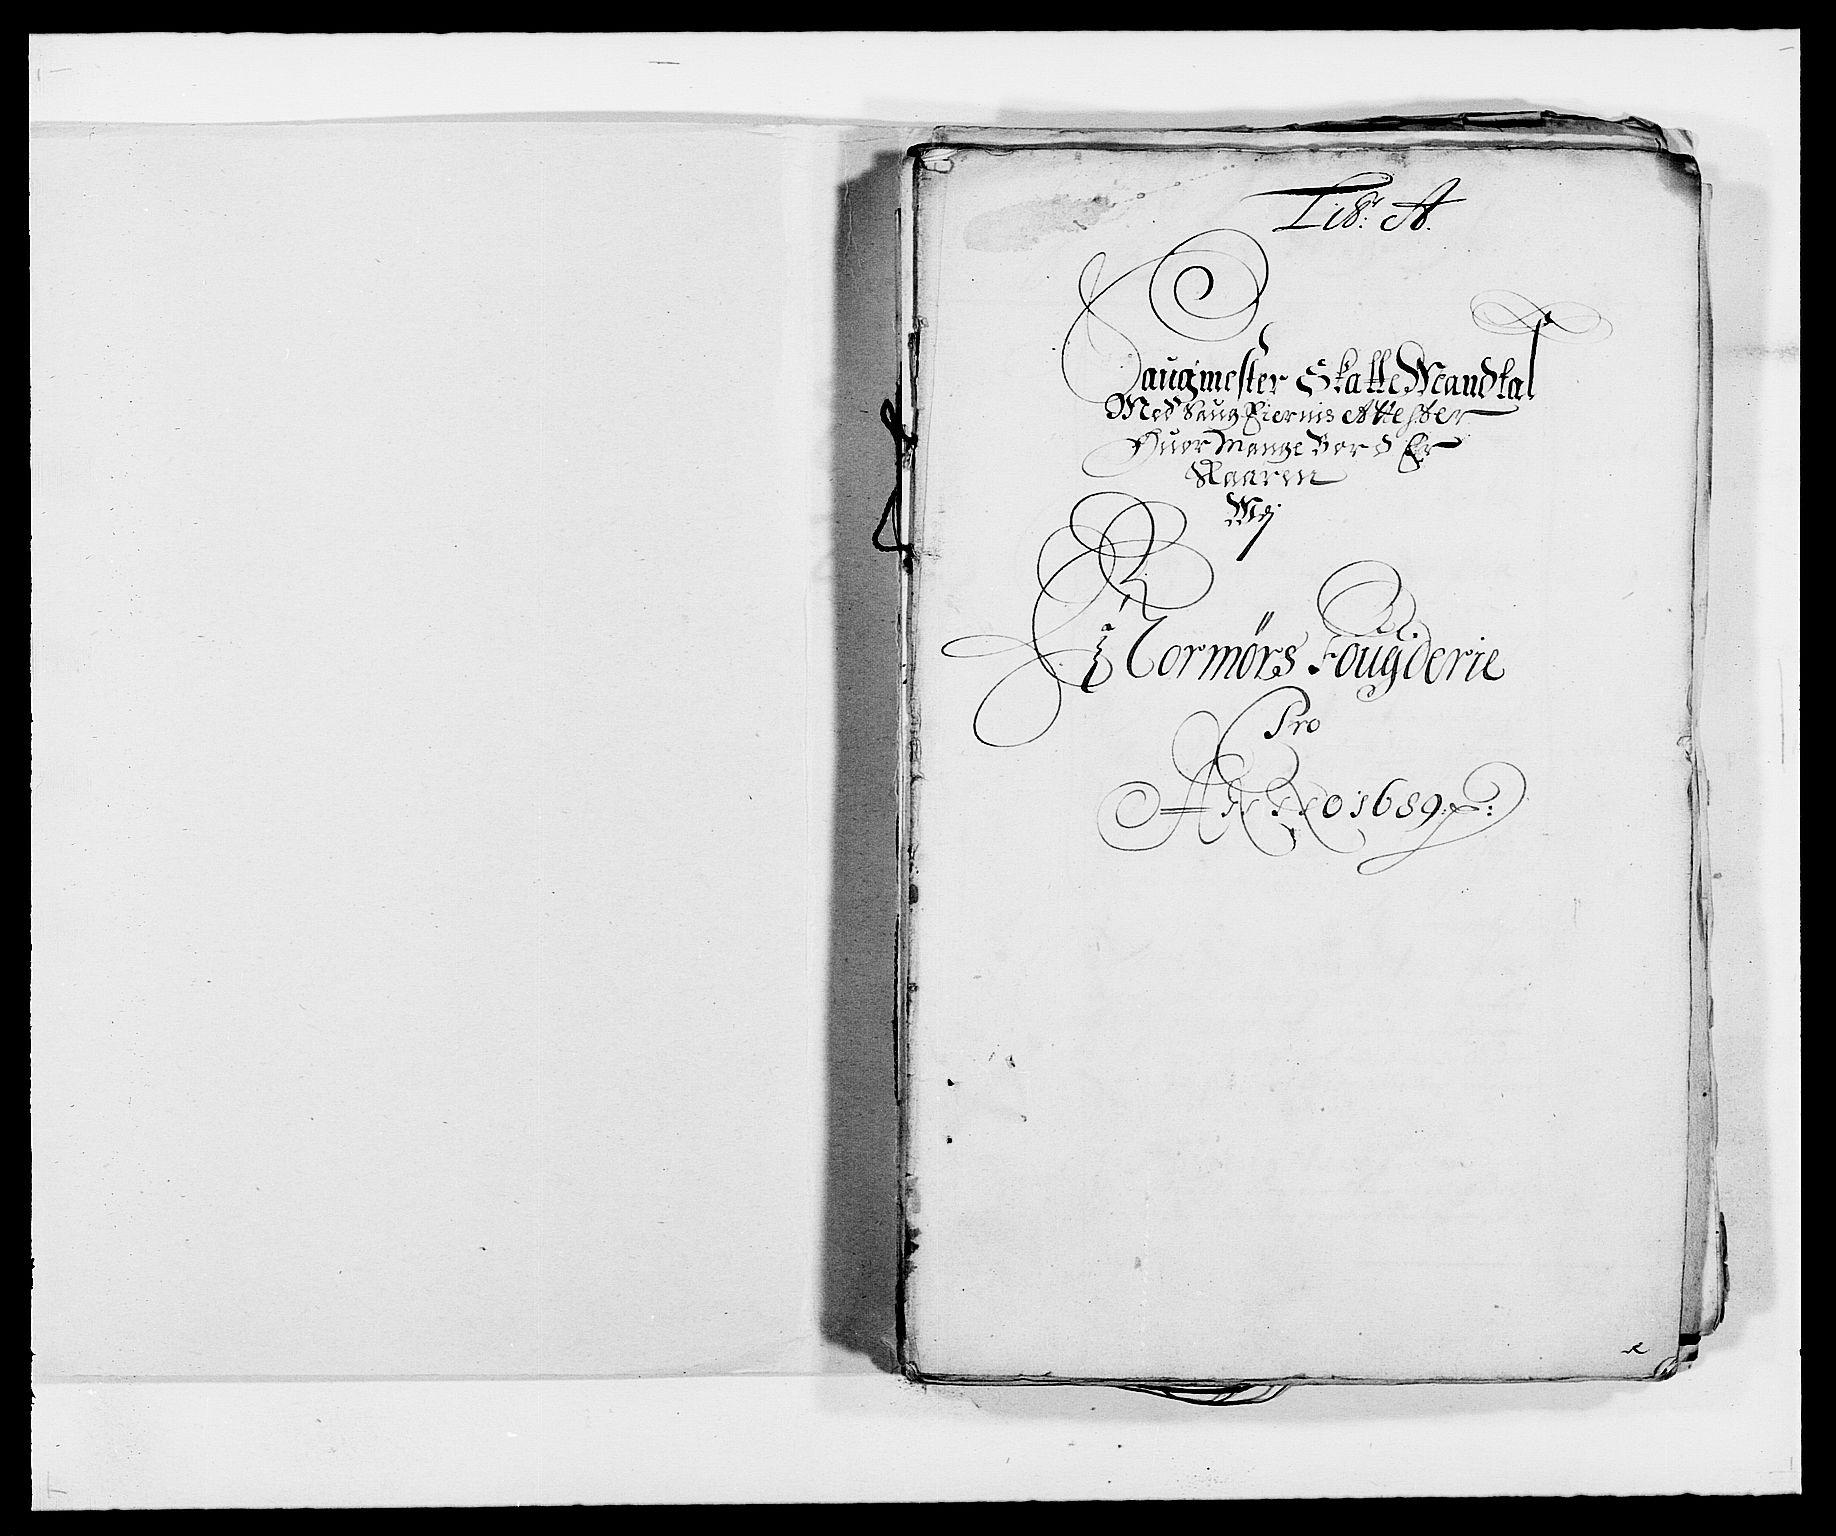 RA, Rentekammeret inntil 1814, Reviderte regnskaper, Fogderegnskap, R56/L3733: Fogderegnskap Nordmøre, 1687-1689, s. 349